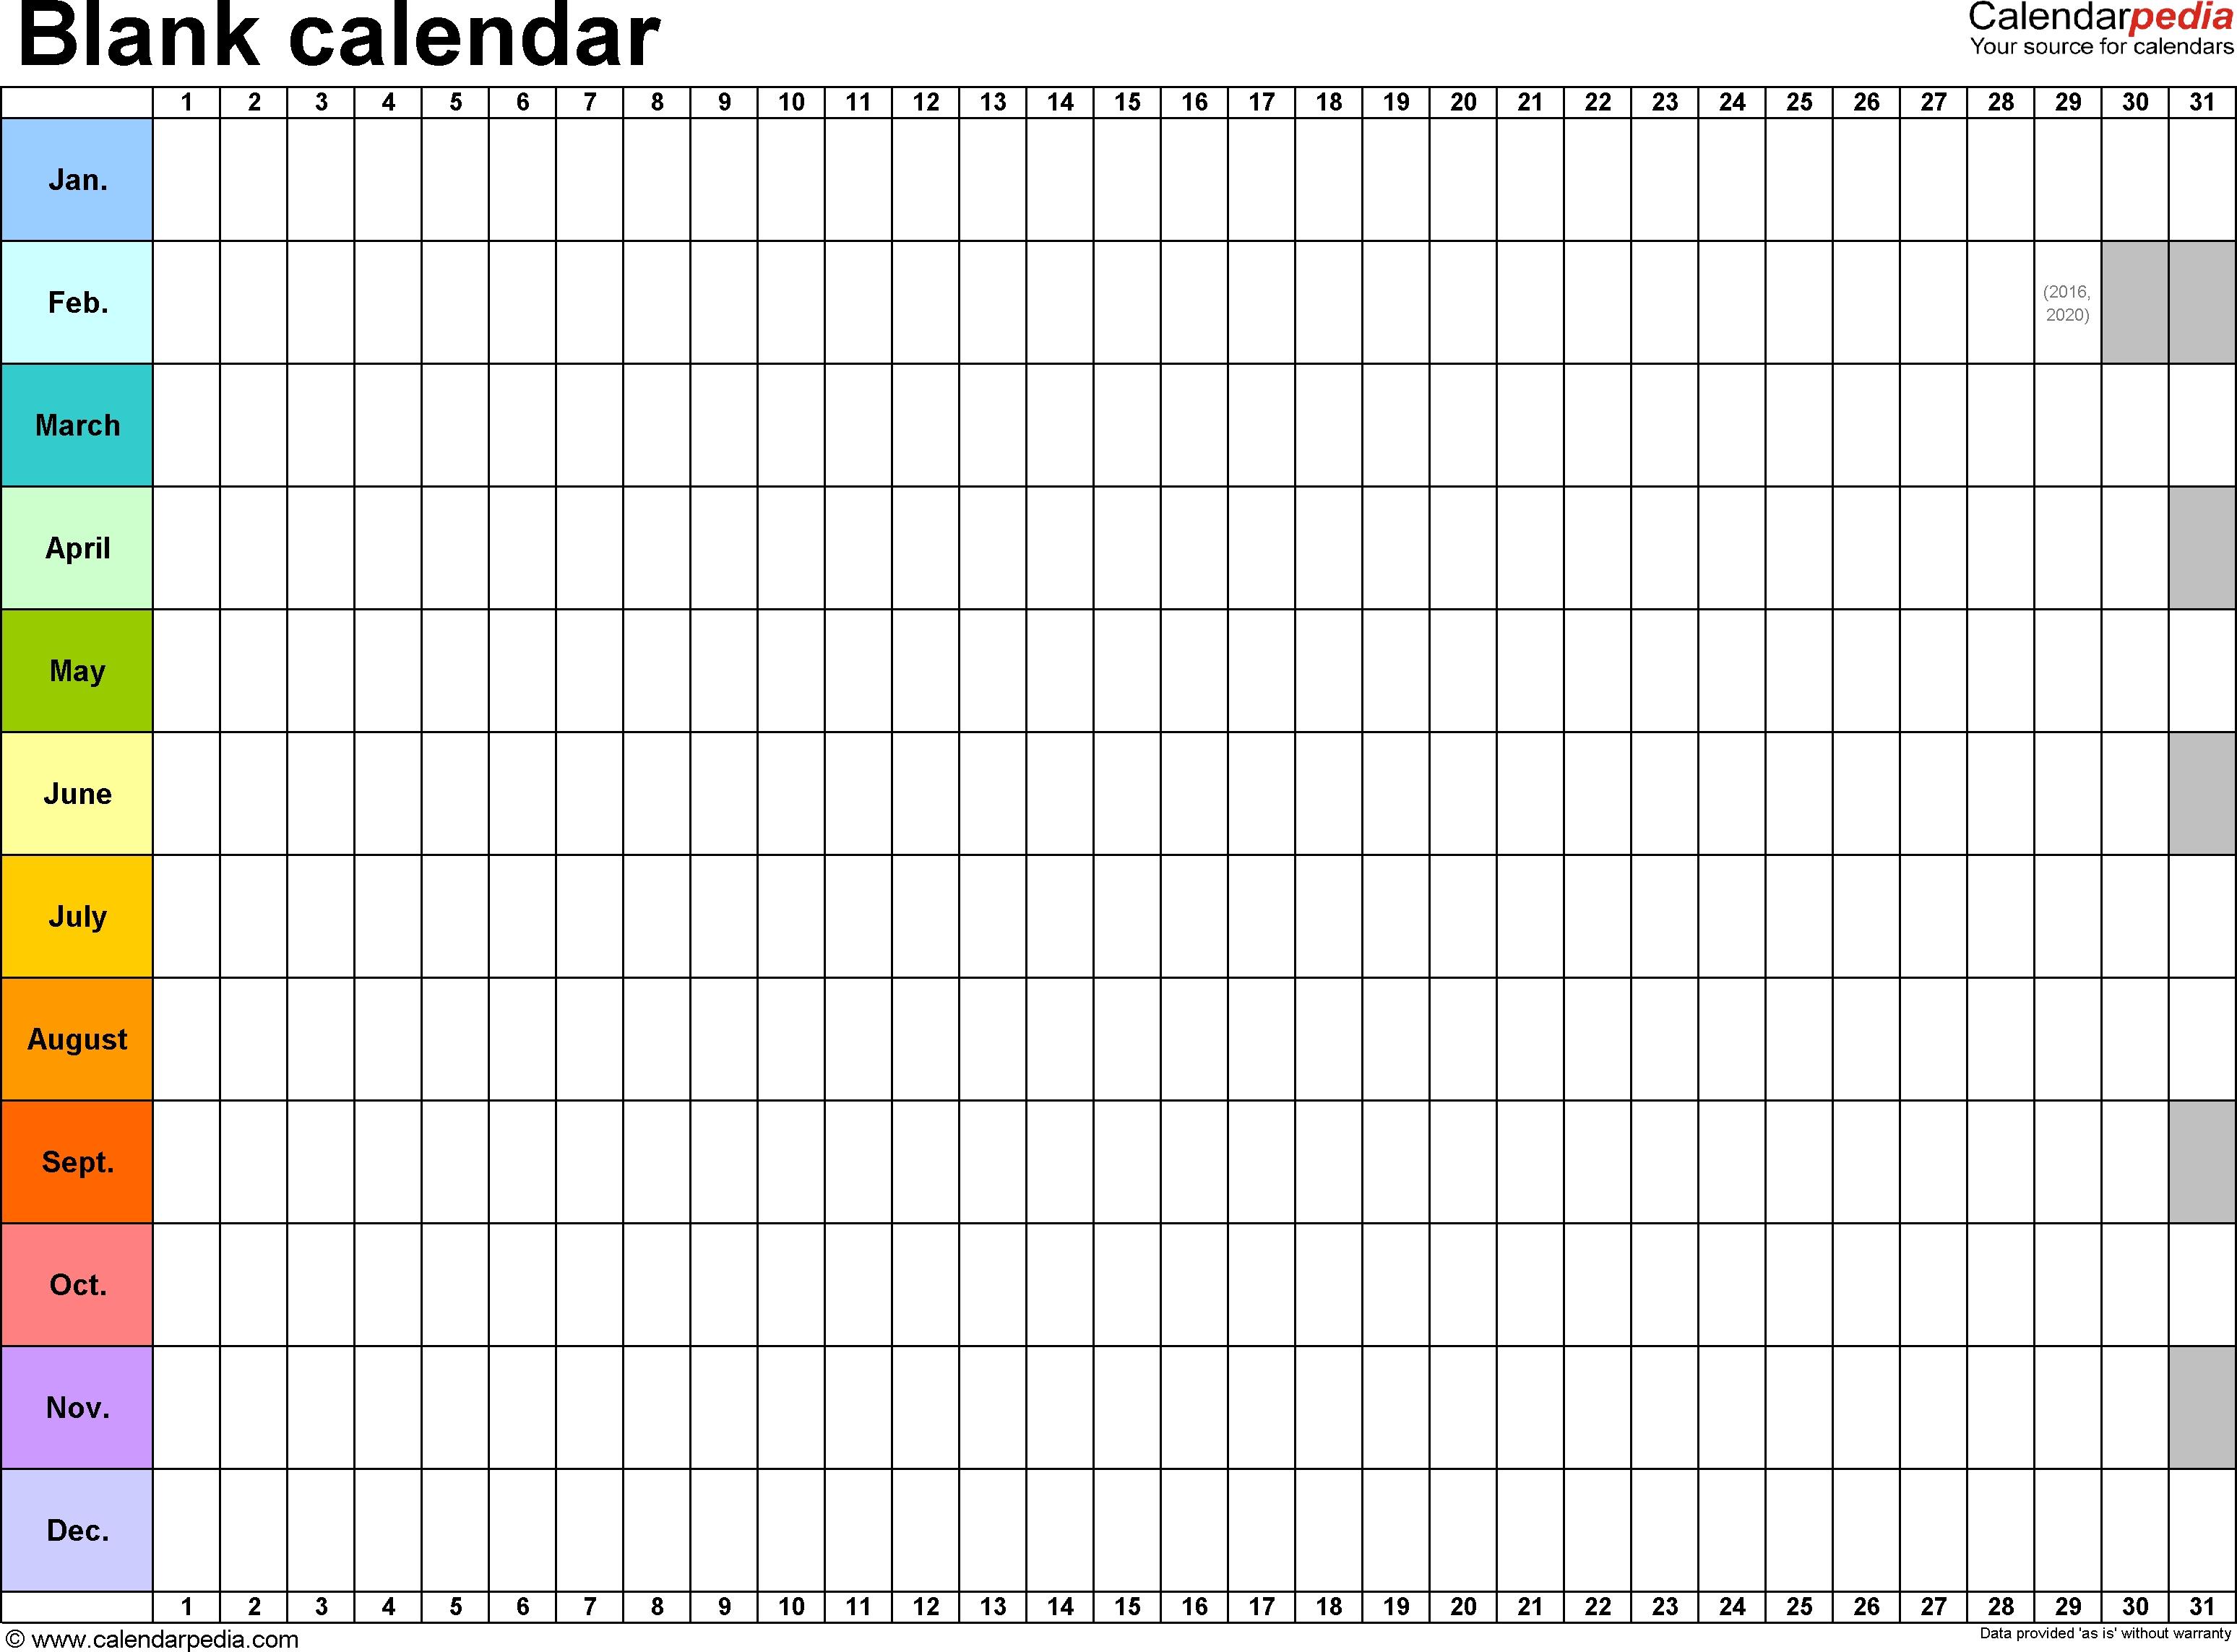 Blank Calendar - 9 Free Printable Microsoft Word Templates with Free Printable Blank Calendars To Fill In